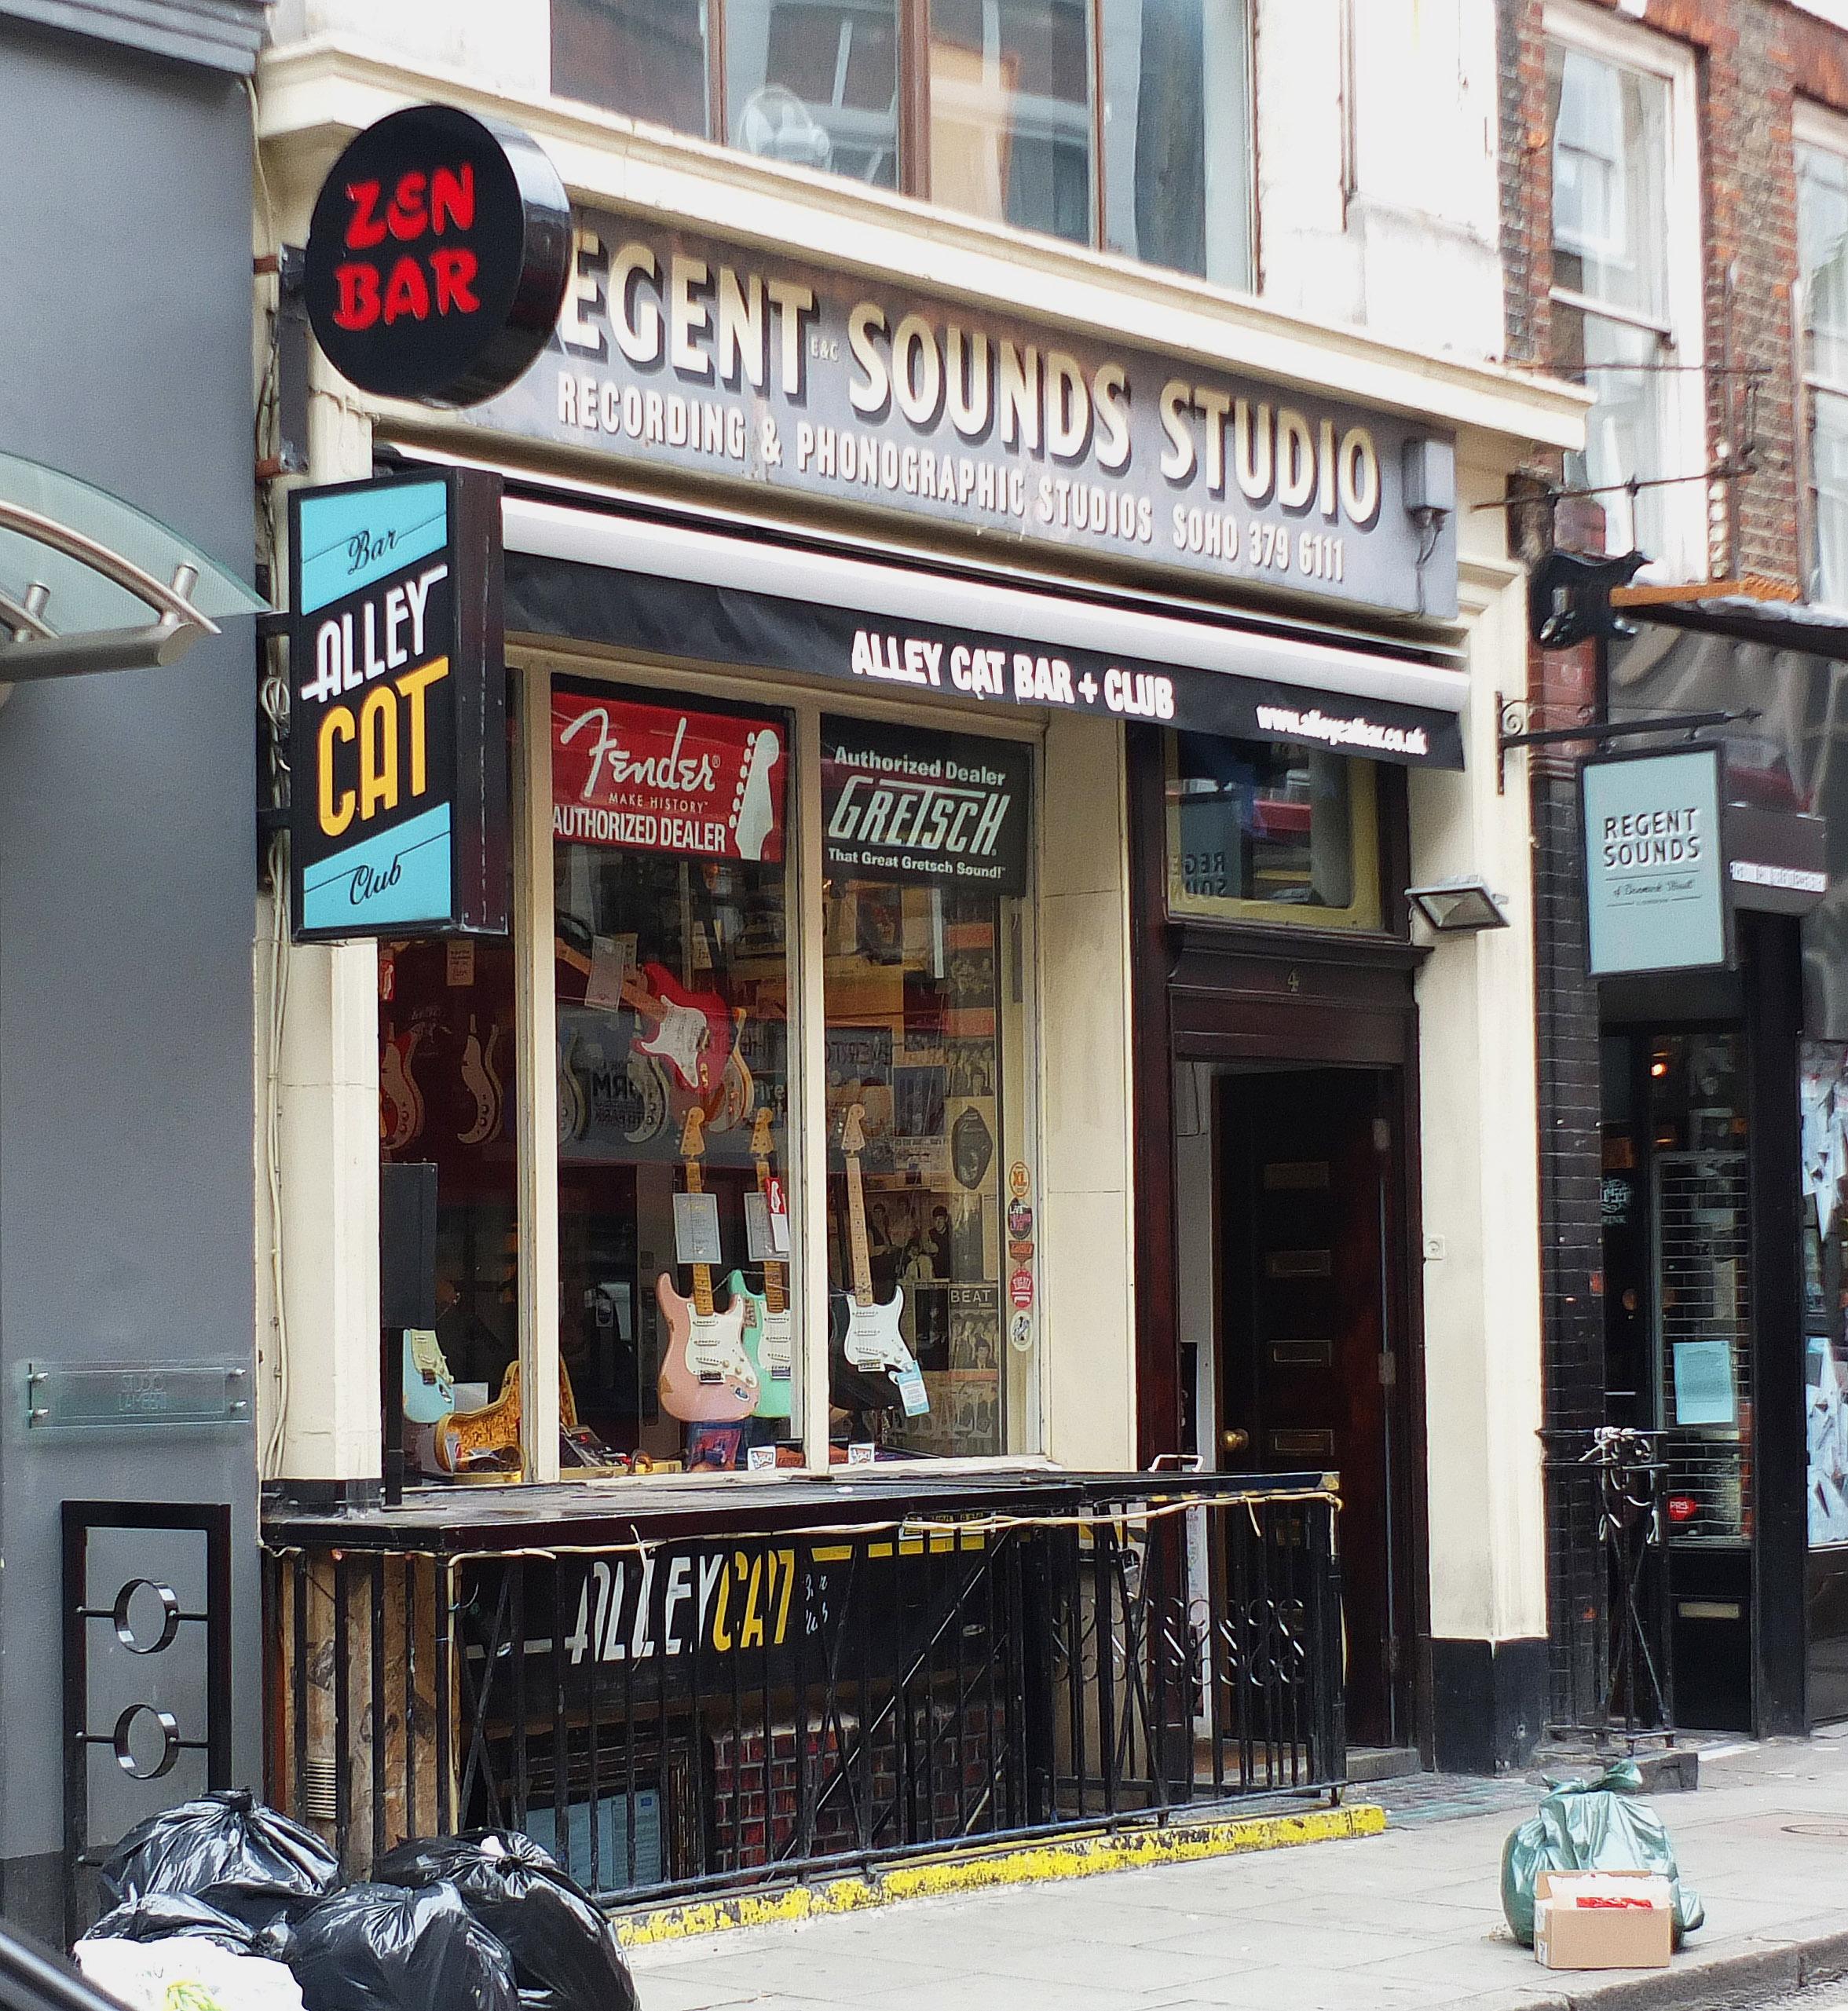 Regent Sounds Studio